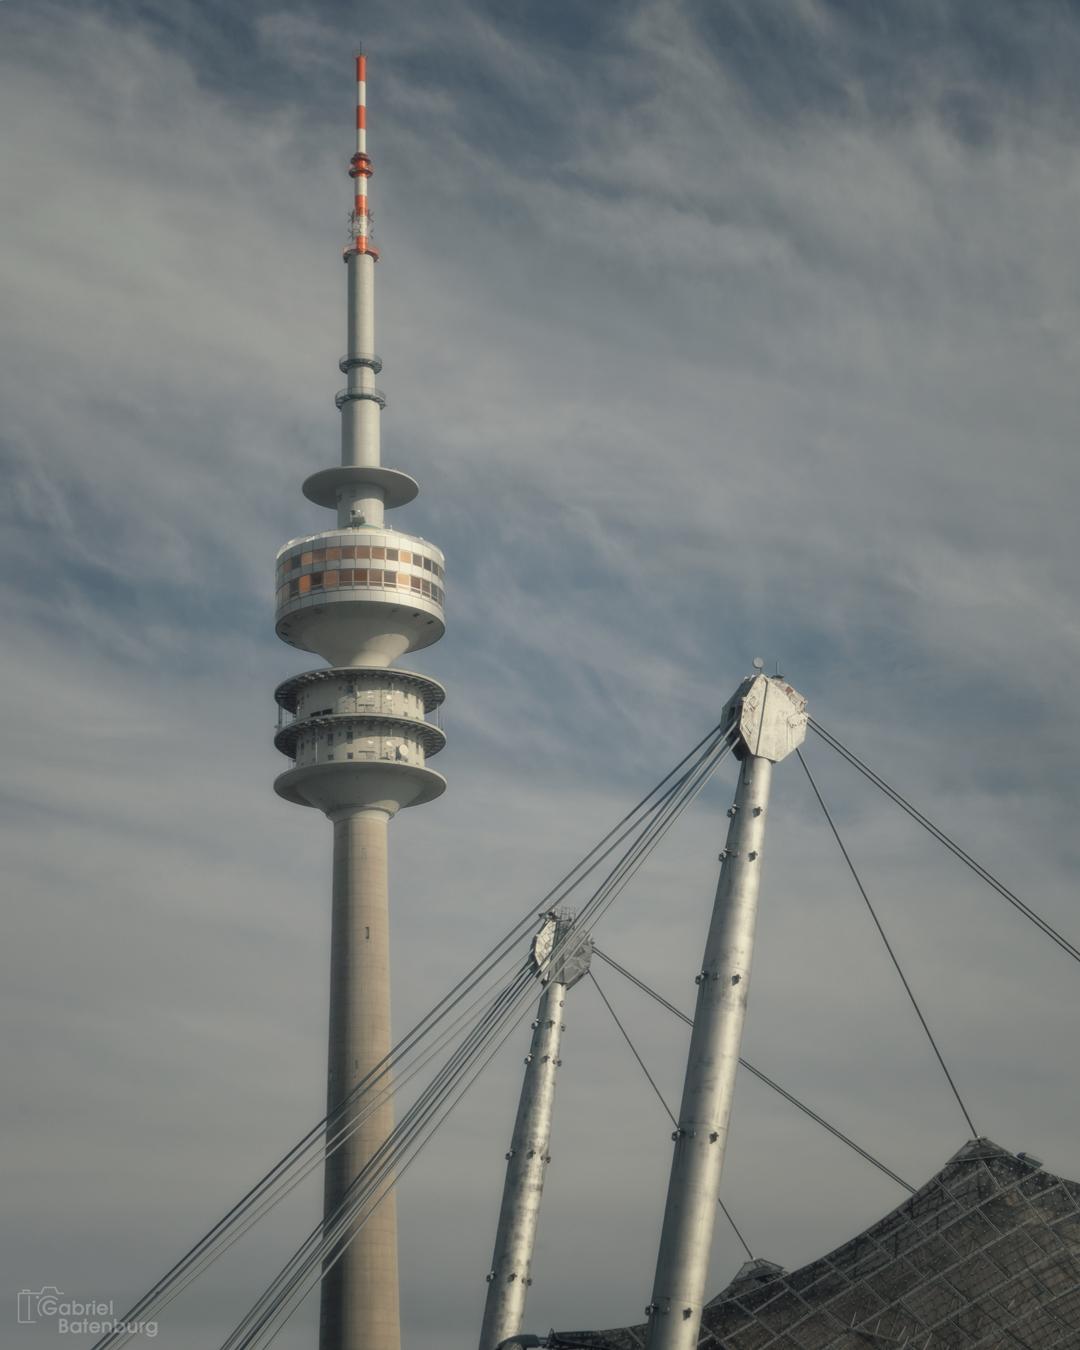 Olympisch  Stadion te München - Twee iconen in München. - foto door gabriel-batenburg1969 op 10-04-2021 - deze foto bevat: wolk, lucht, toren, gebouw, wolkenkrabber, observatie toren, kruisbloem, elektriciteit, torenblok, stedelijk gebied